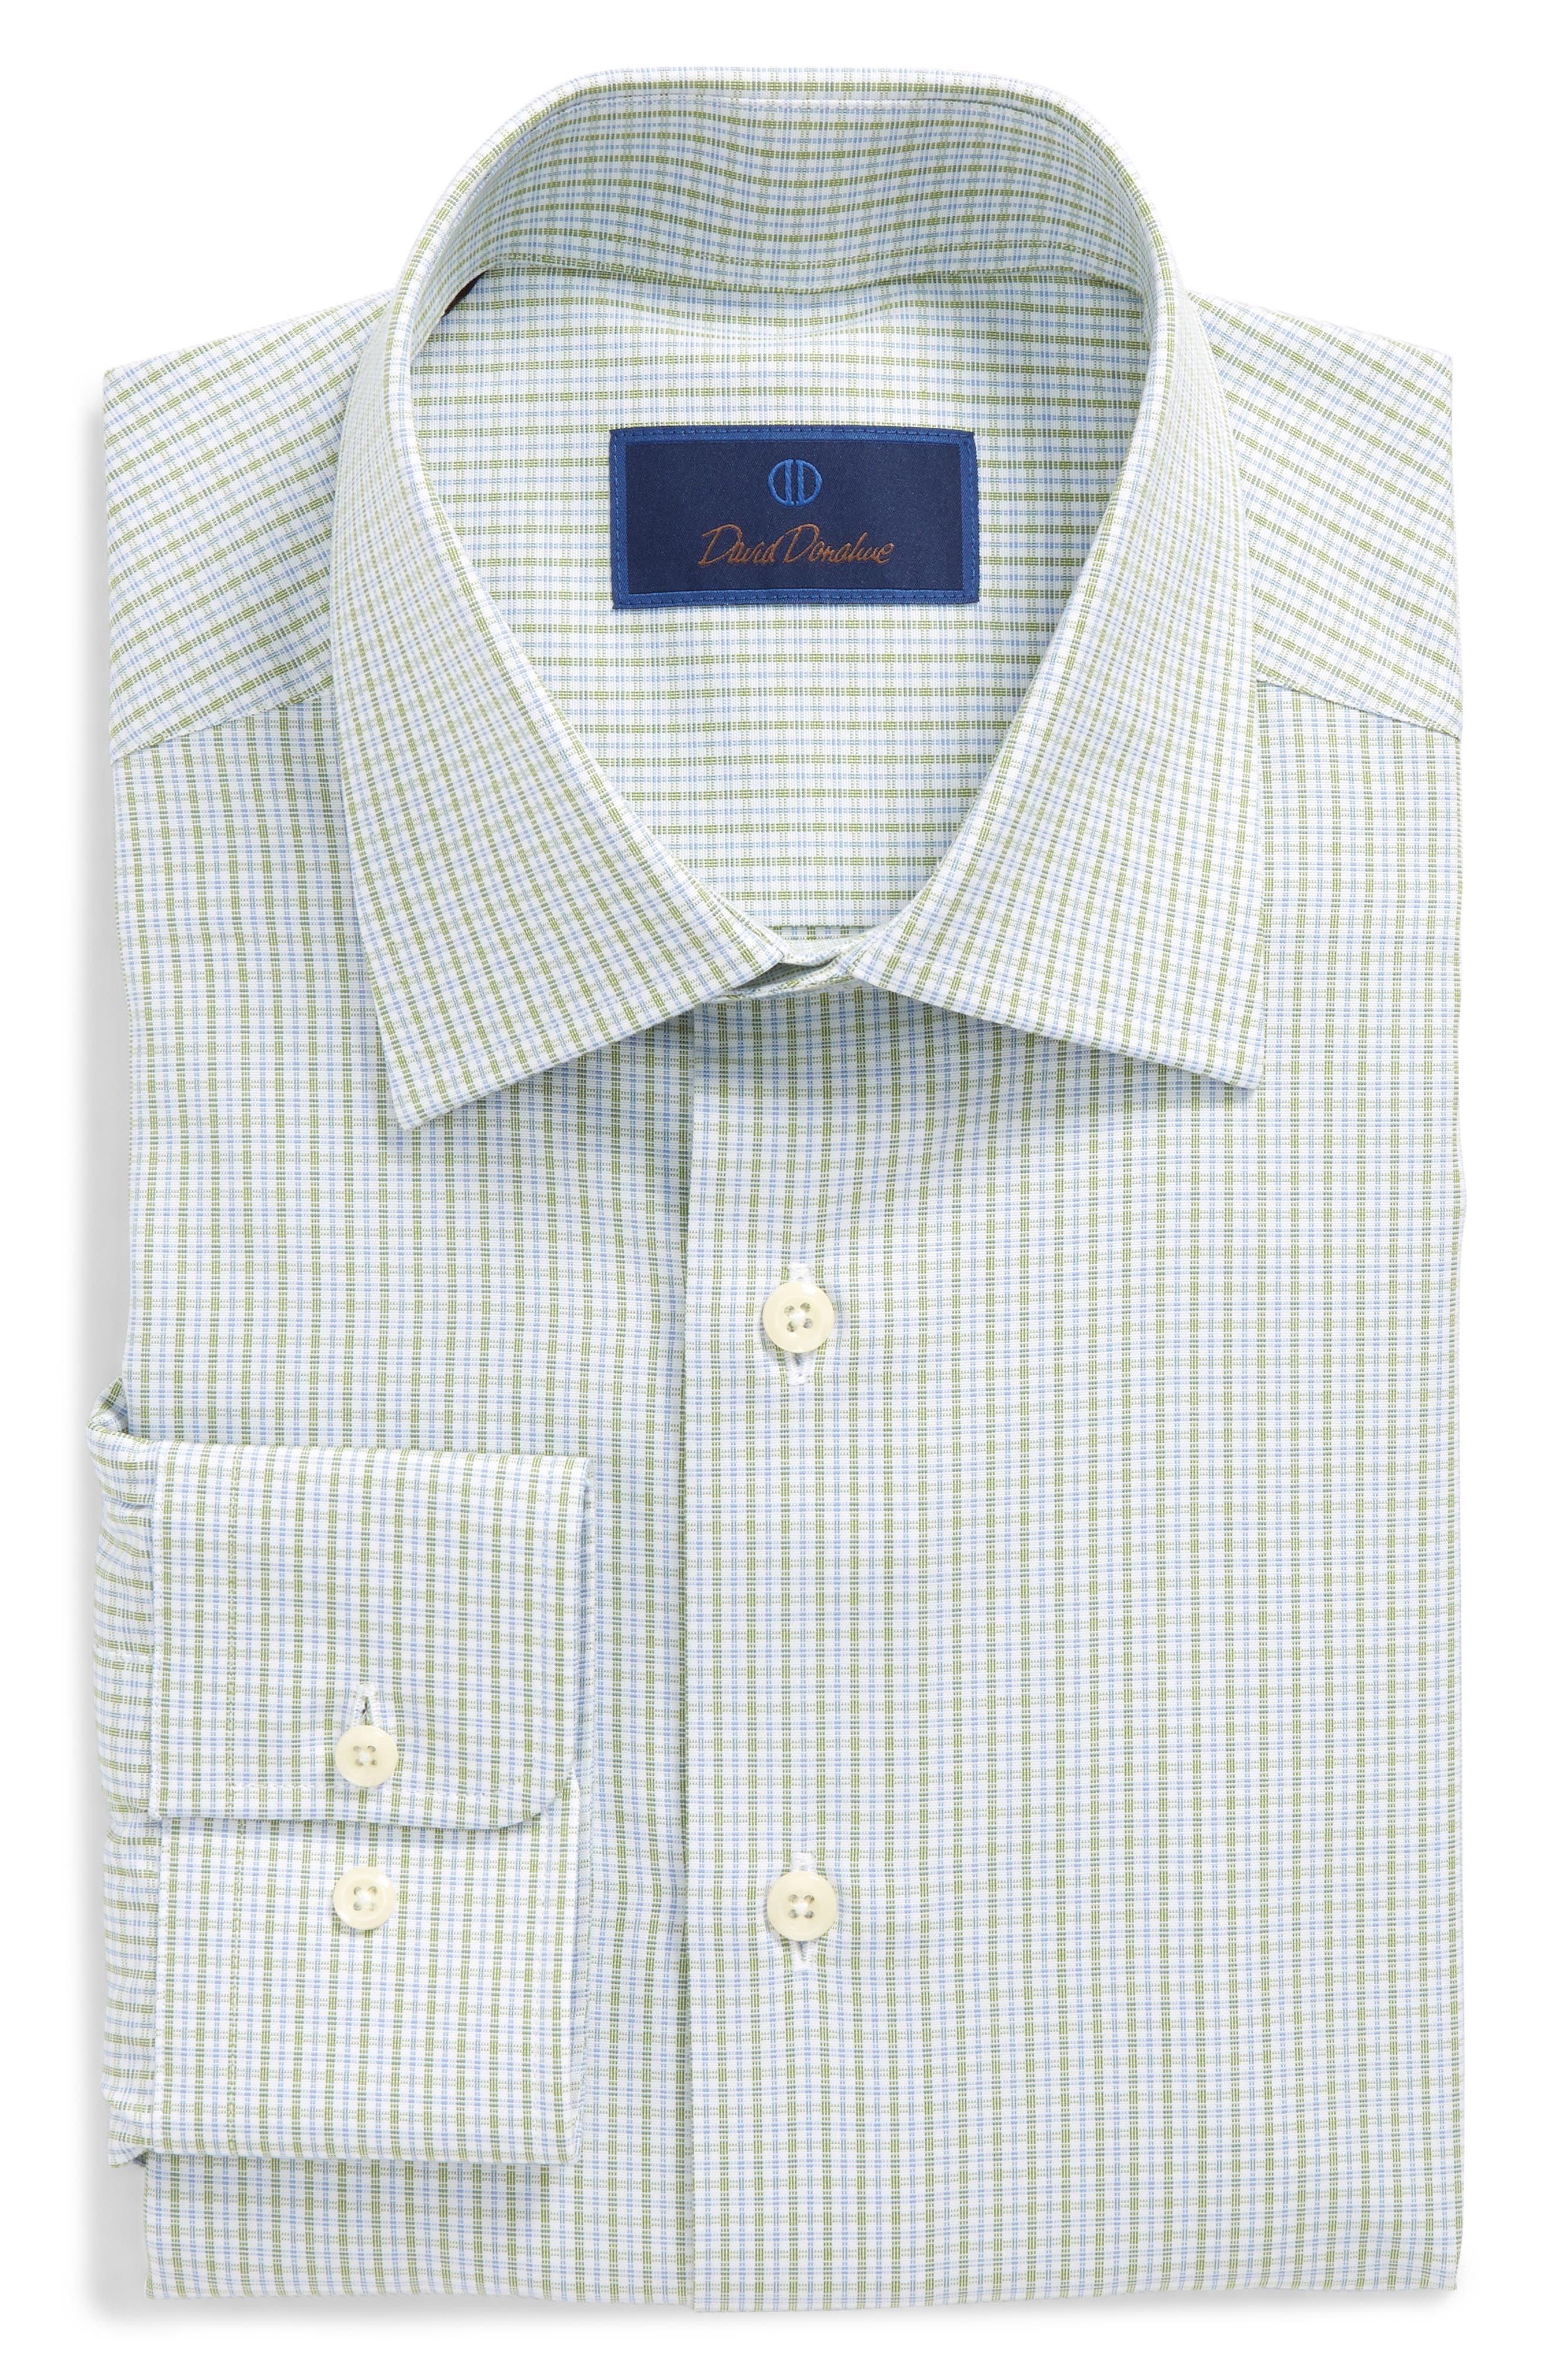 Regular Fit Check Dress Shirt,                         Main,                         color, Grass